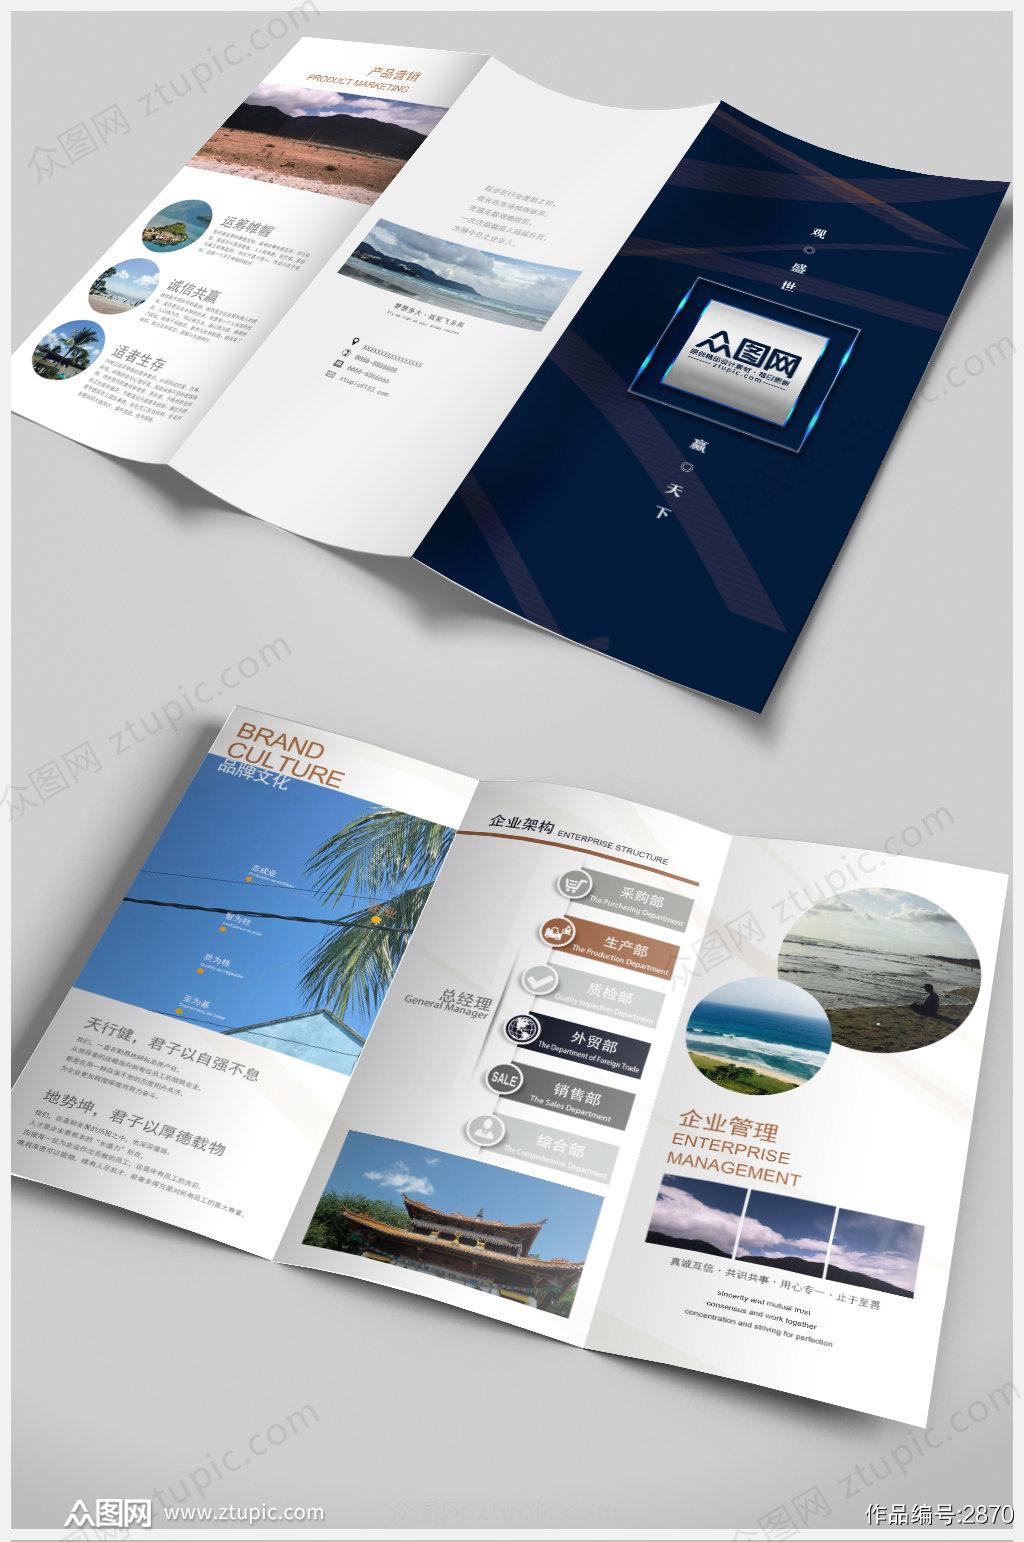 蓝色时尚简约企业宣传三折页素材